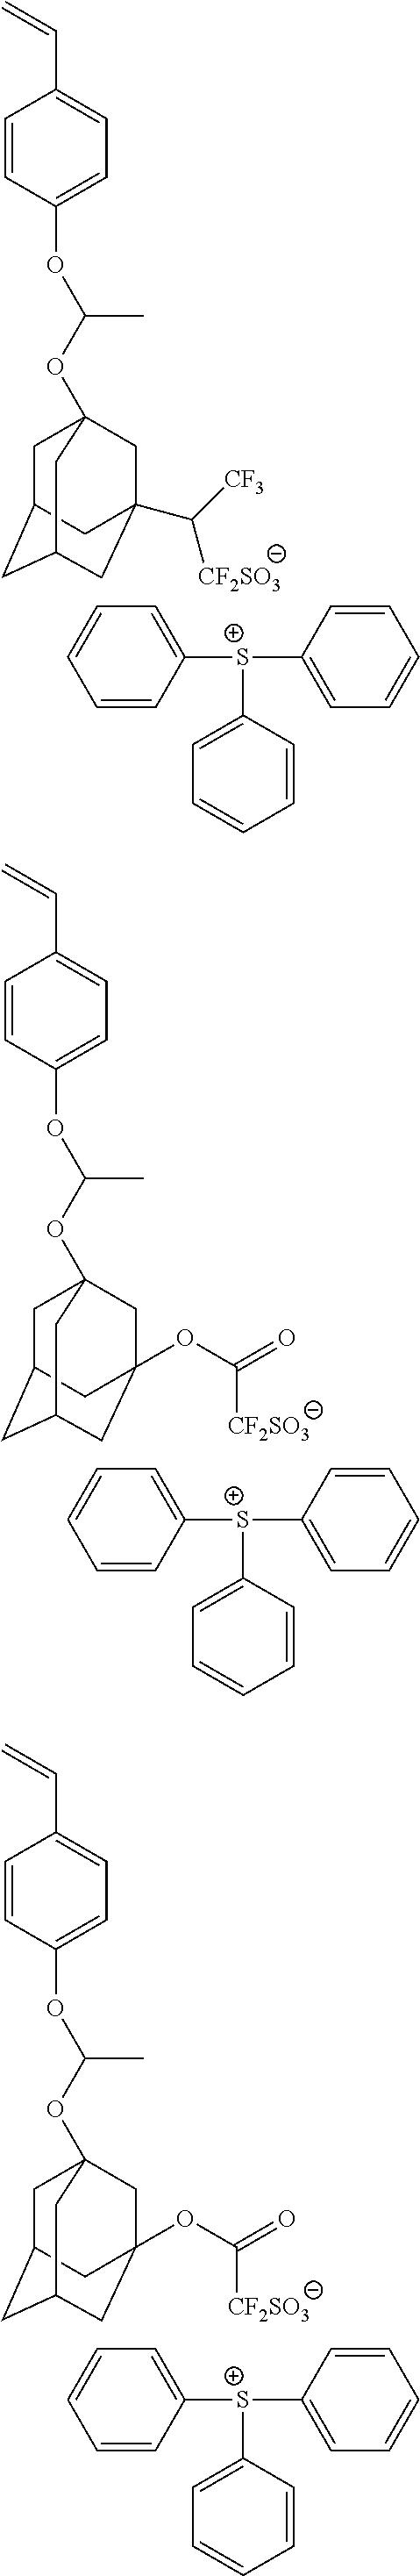 Figure US20110269074A1-20111103-C00008